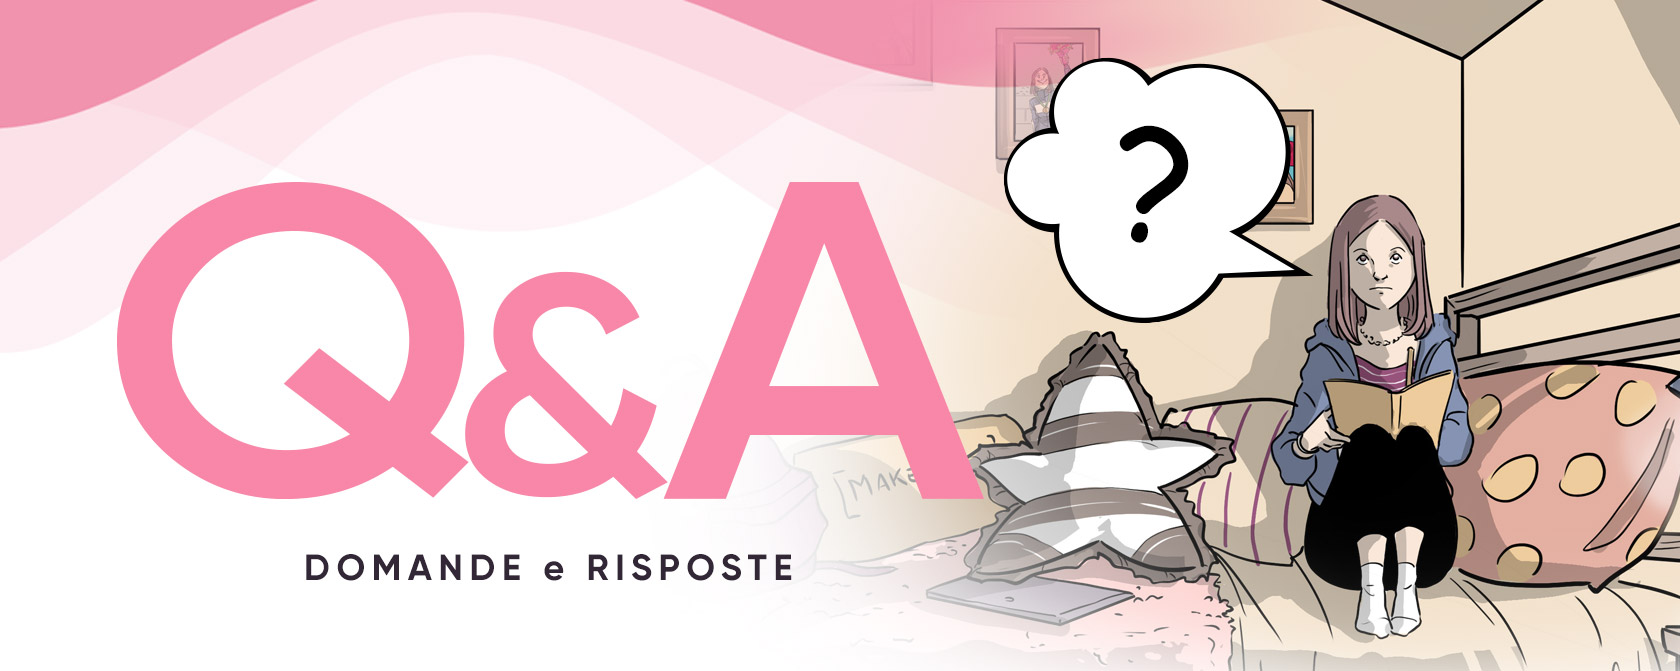 Endometriosi: domande&risposte